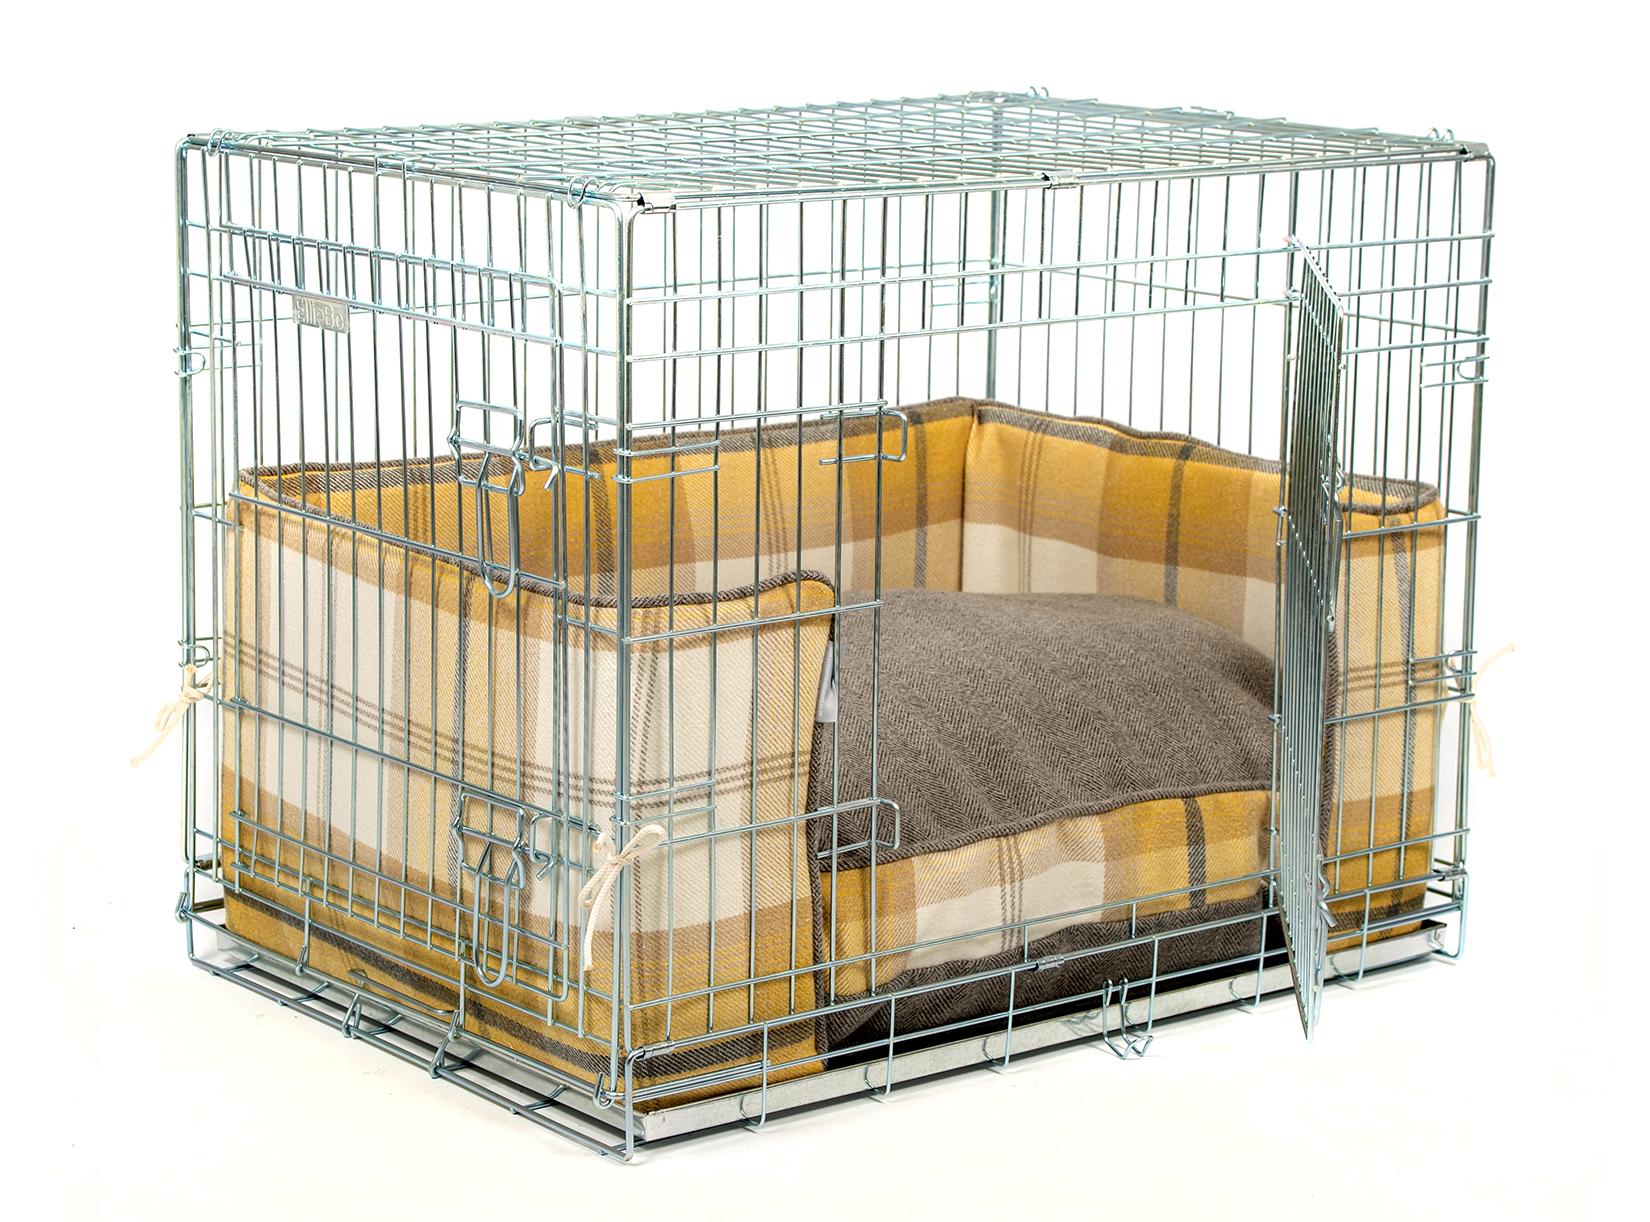 Ochre Ash Balmoral Tweed Crate bumper set